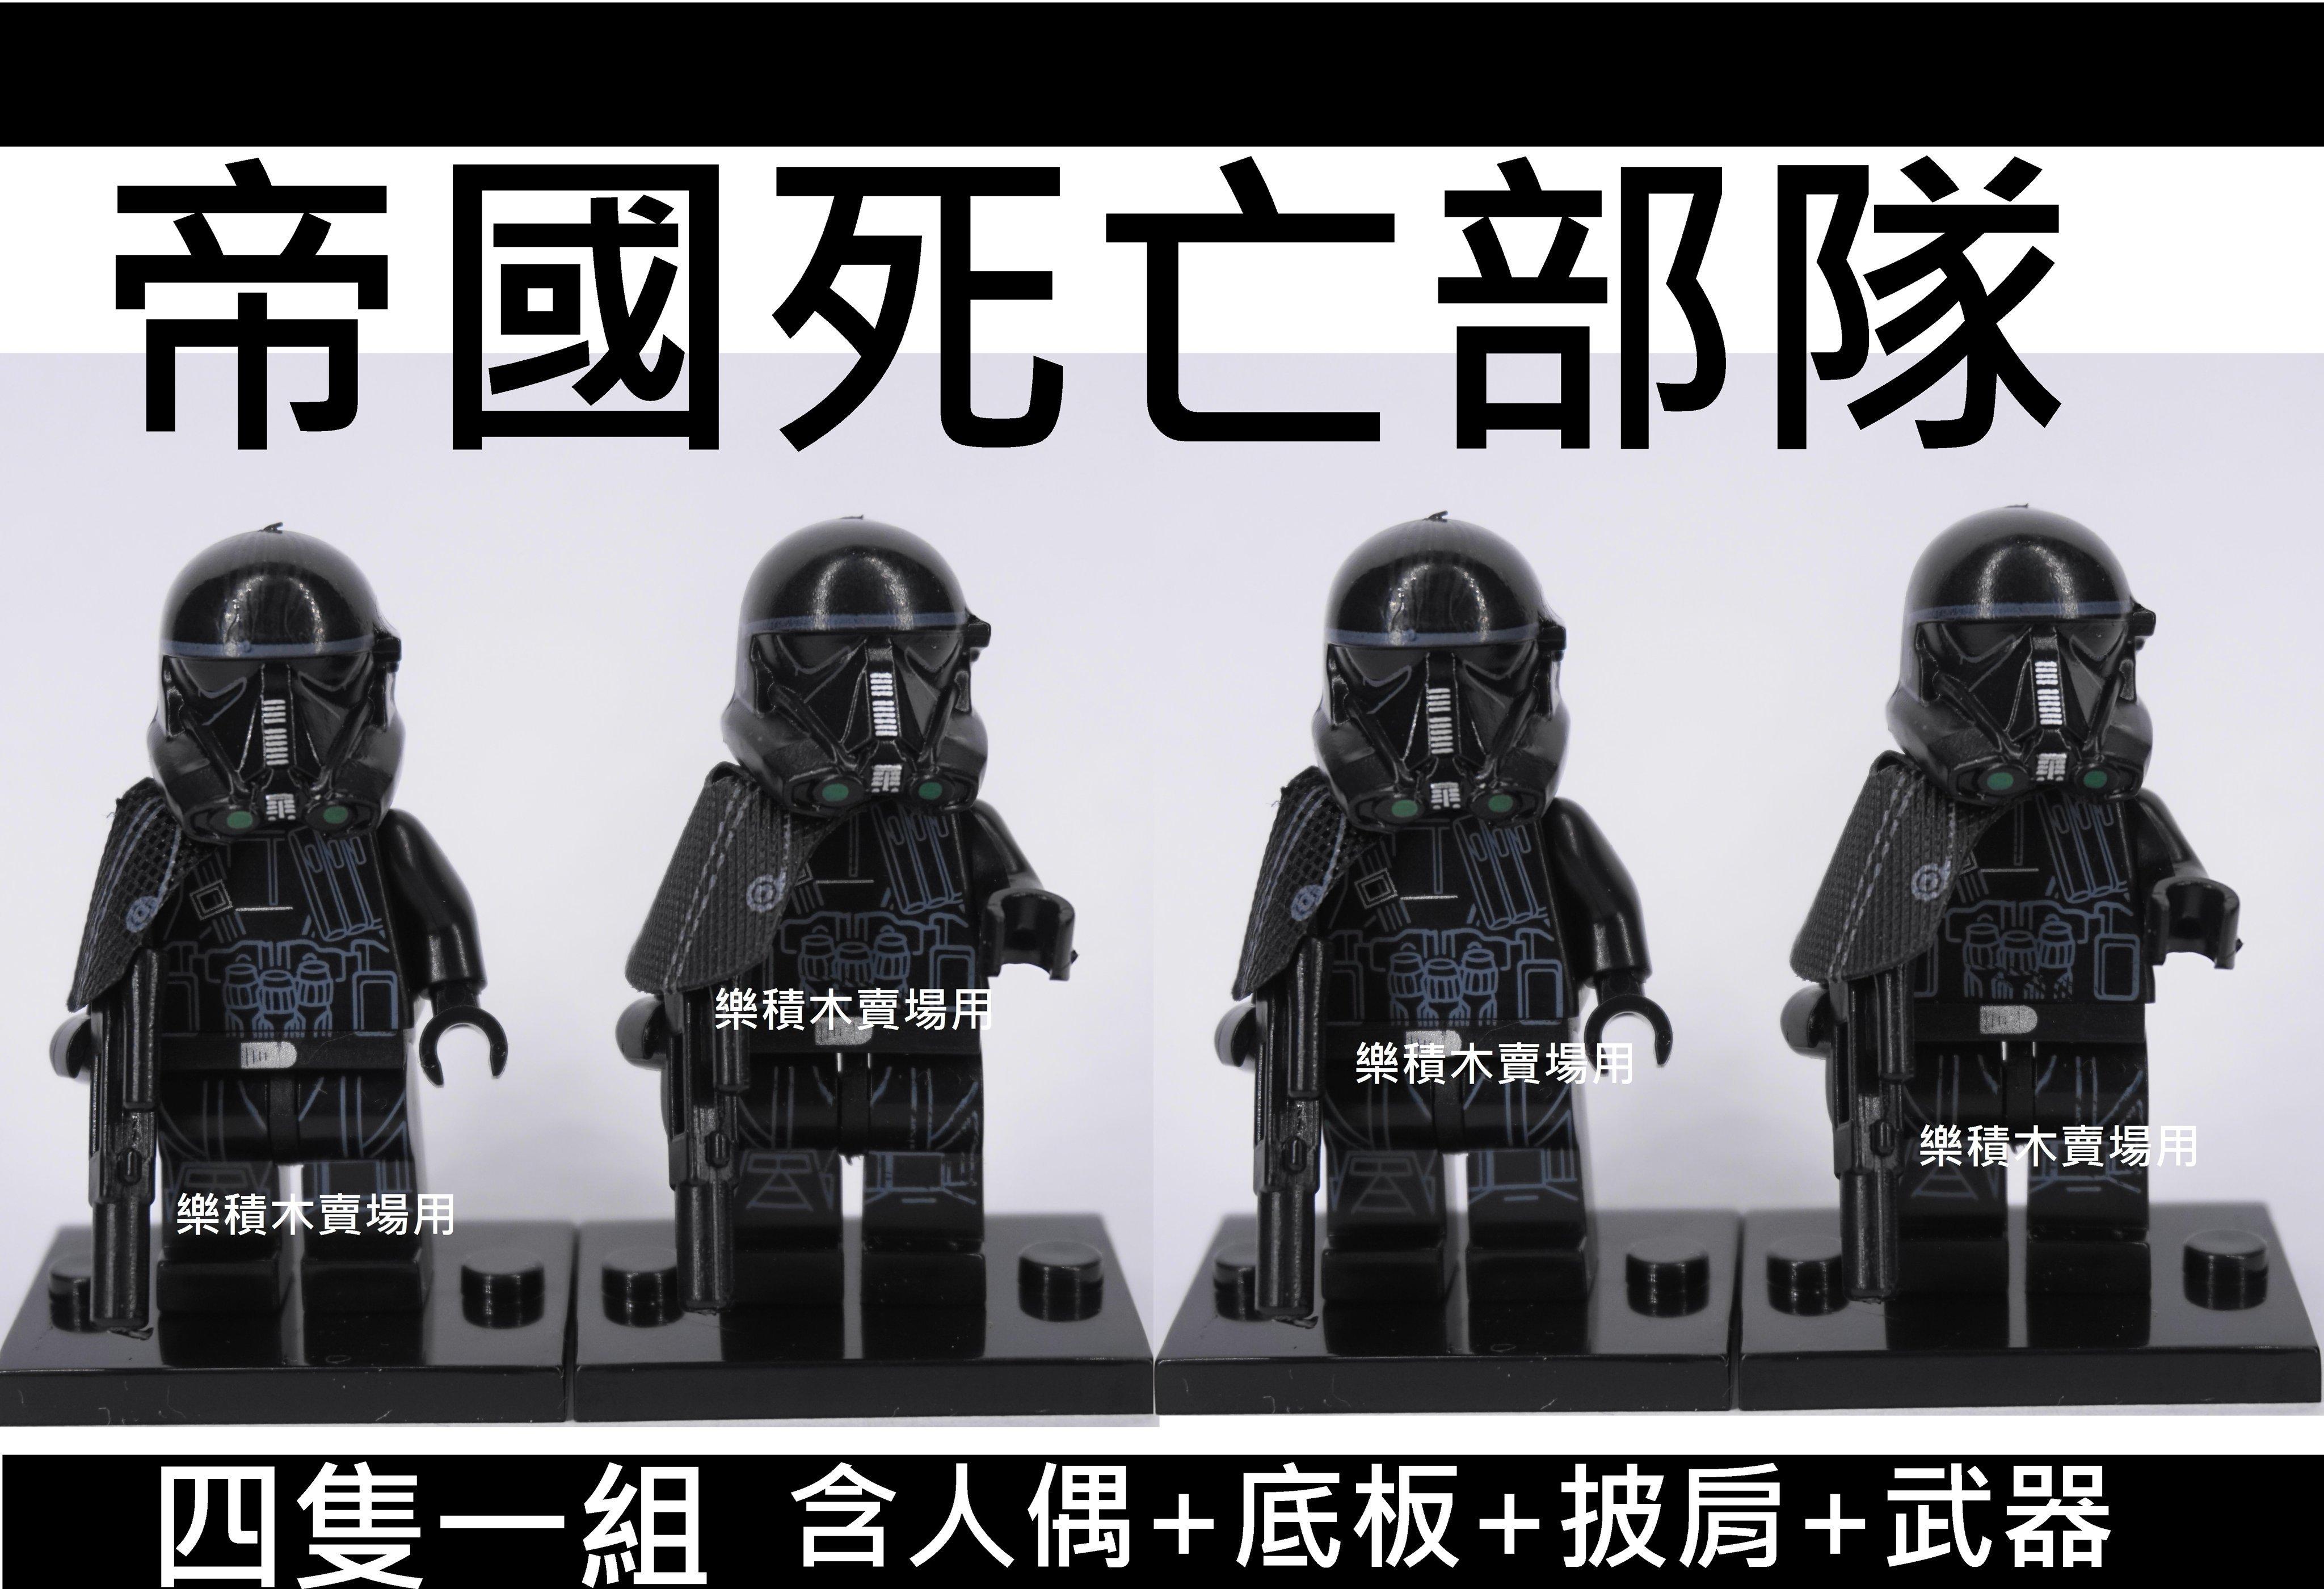 樂積木【 】品高 帝國死亡部隊 袋裝 非樂高LEGO相容 星際大戰 路克 安納金 西斯 黑武士 風暴兵 俠盜一號